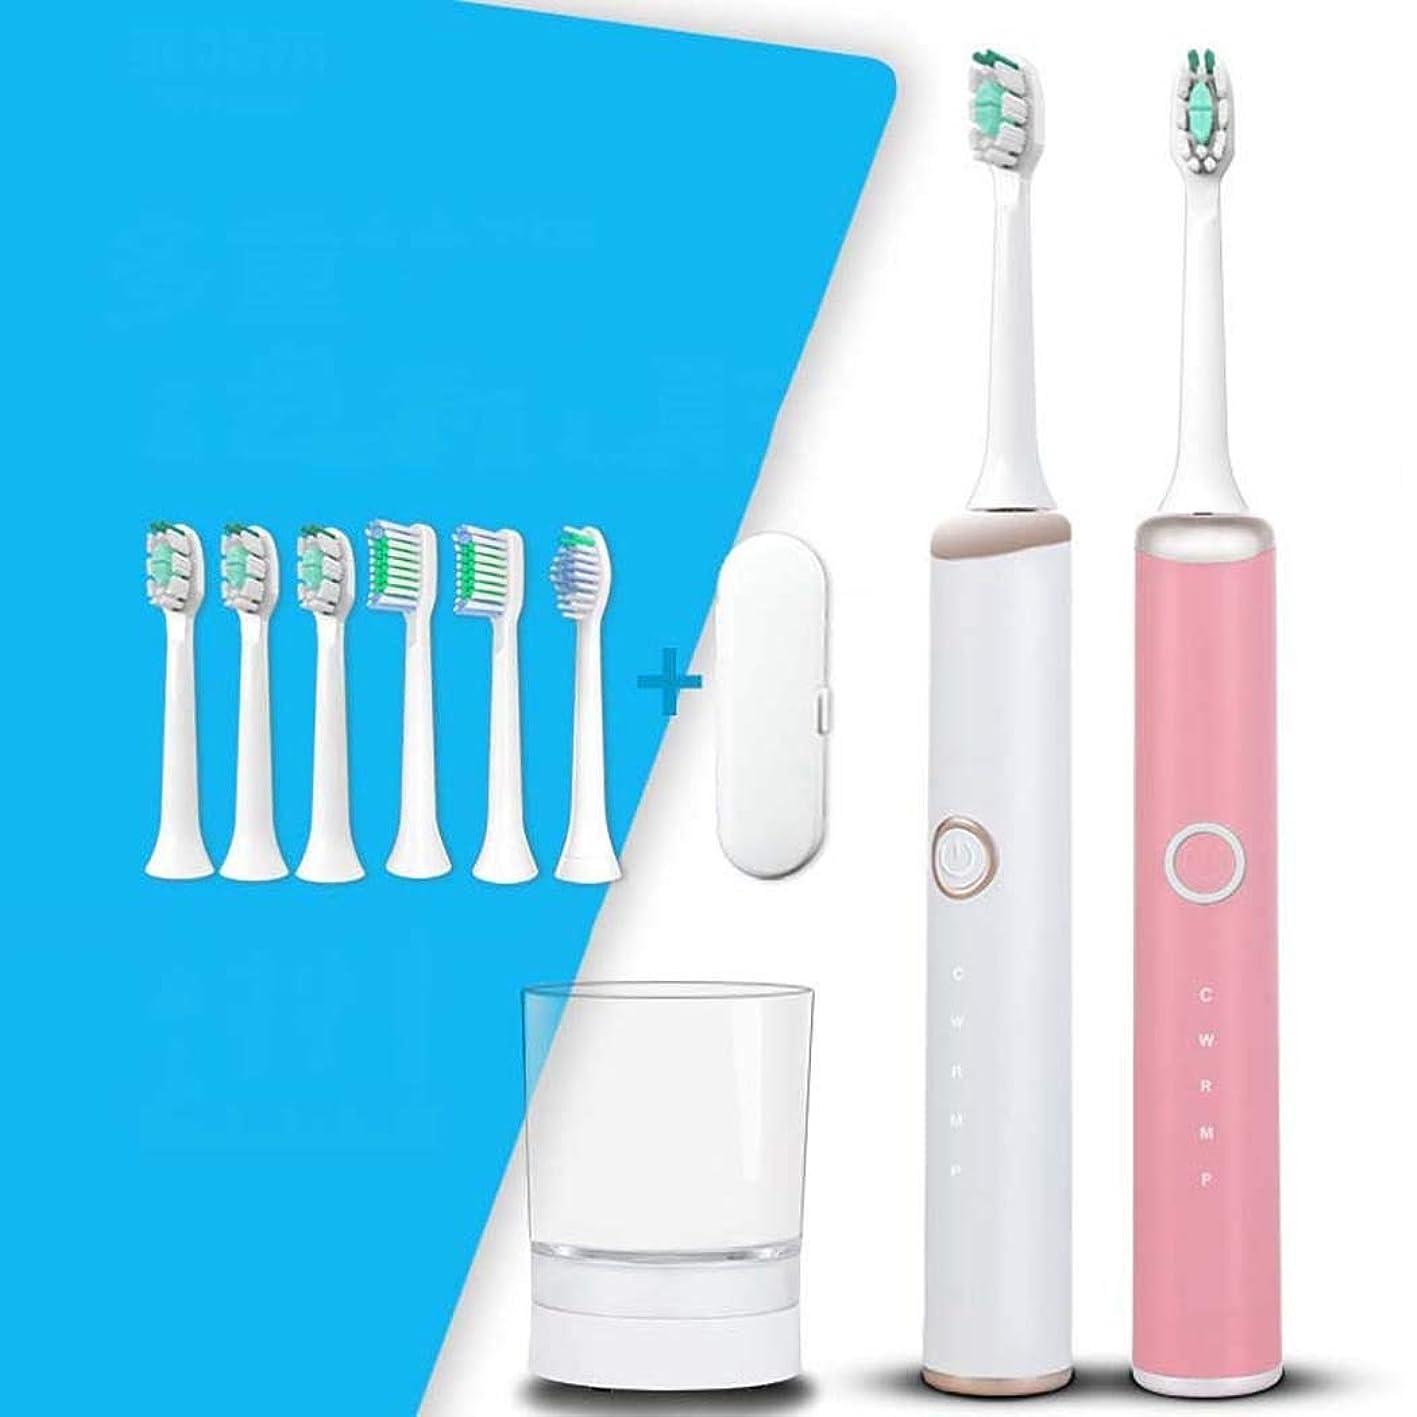 和グロー嫌がらせ電動歯ブラシ、ソニック電動歯ブラシ、家庭用大人用自動歯ブラシ、ミュート防水、スマートワイヤレス誘導充電(カラー:ホワイト)